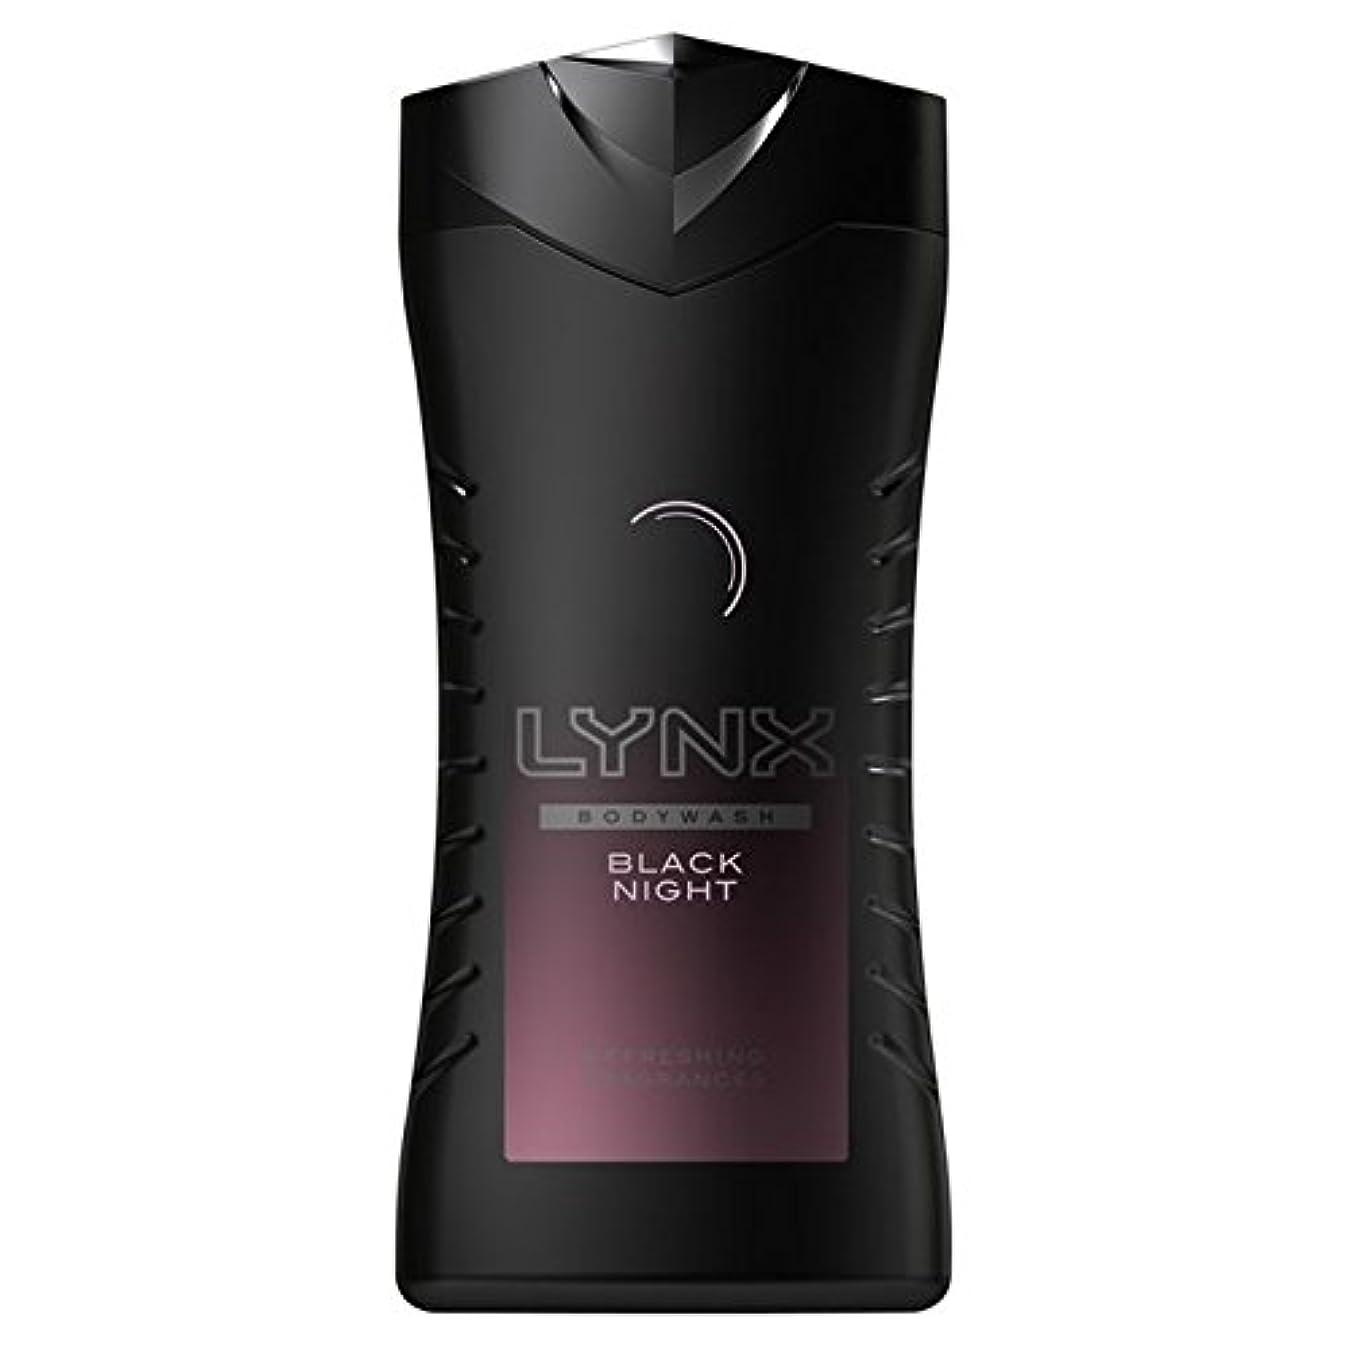 ケーブルフォーマル論理的にLynx Black Night Shower Gel 250ml - オオヤマネコ黒夜シャワージェル250ミリリットル [並行輸入品]